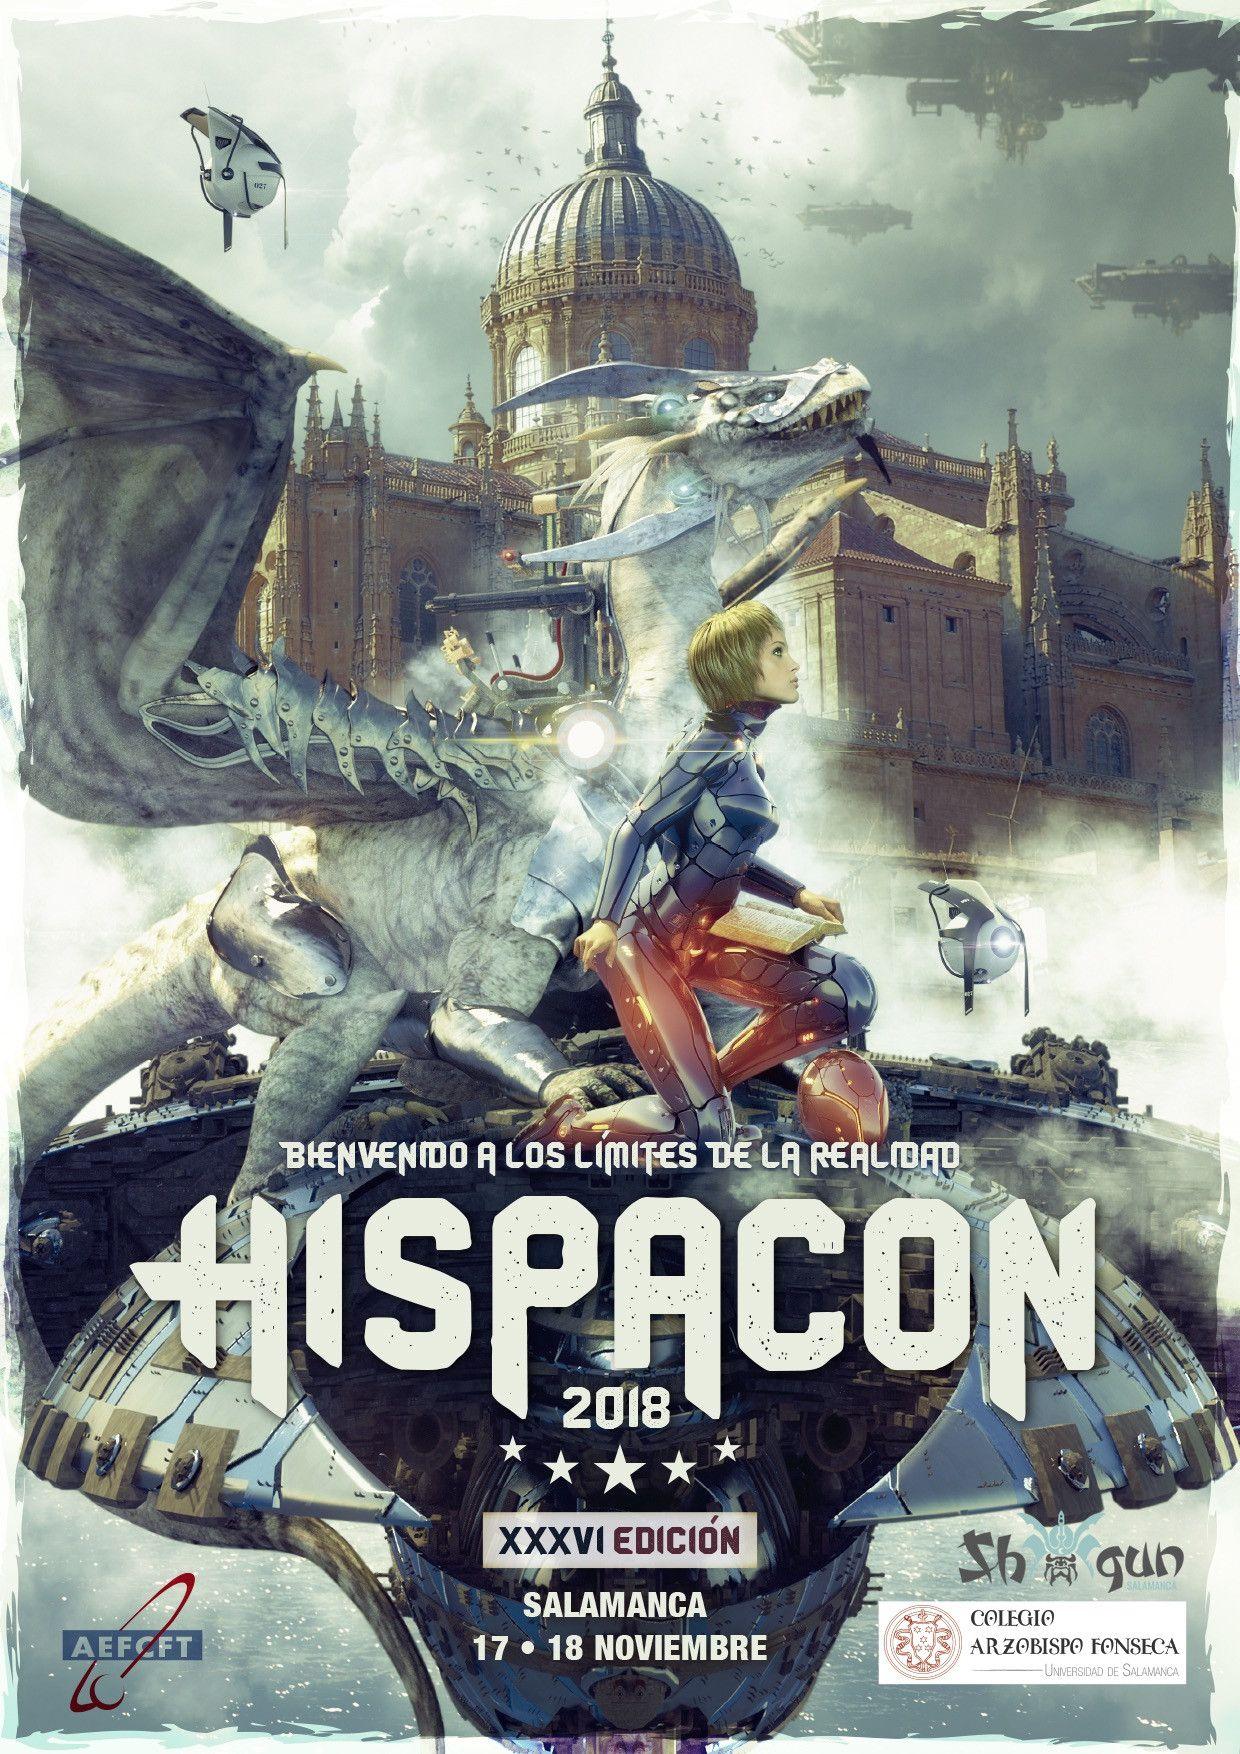 HISPACON 2018 5